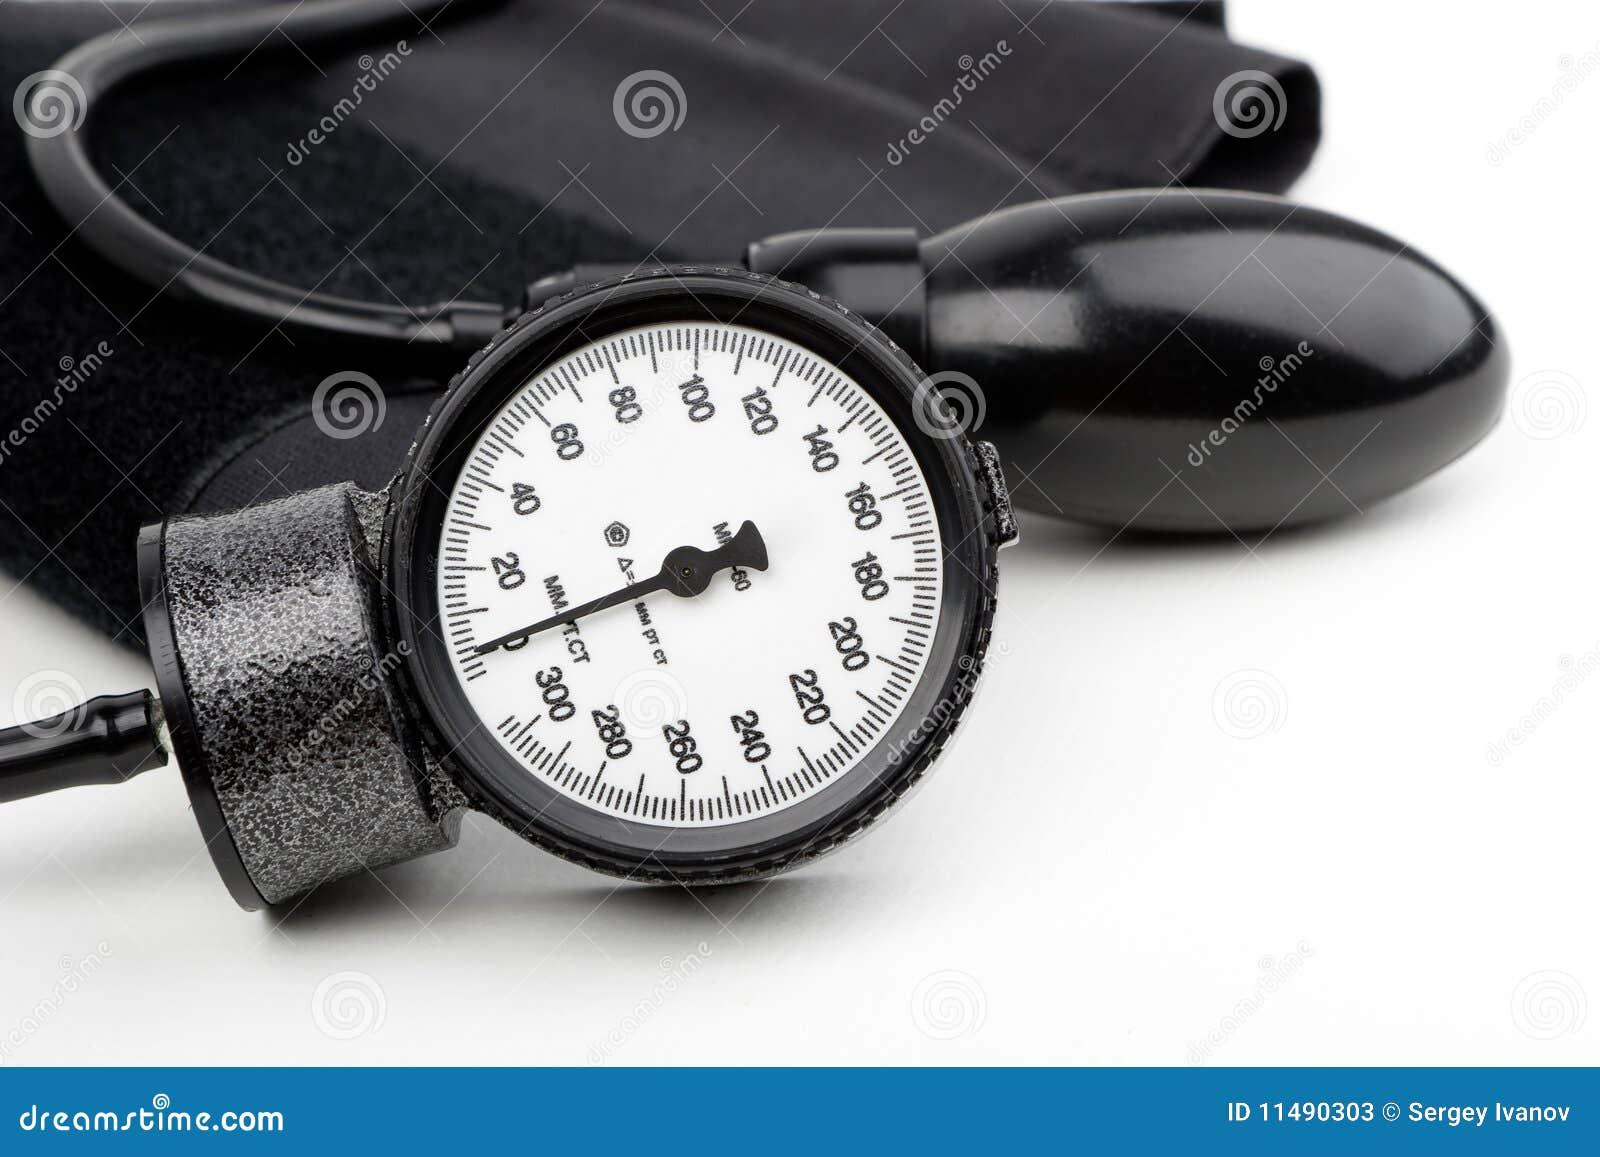 Resultado de imagen para foto de manometro para la presion